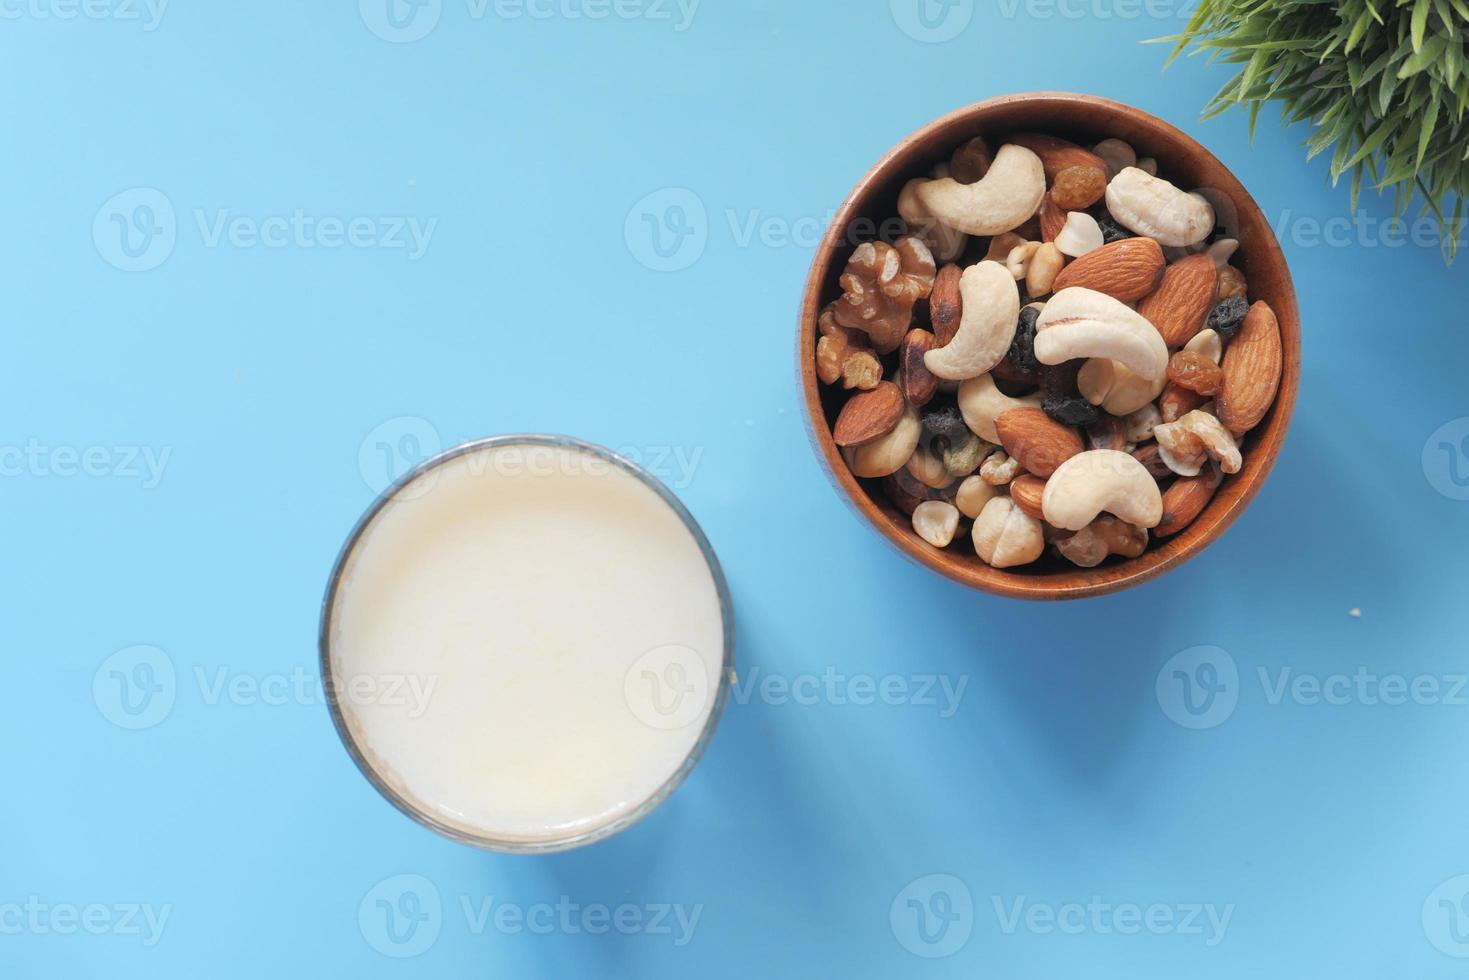 veel gemengde noten in een kom met een glas melk op blauwe achtergrond foto